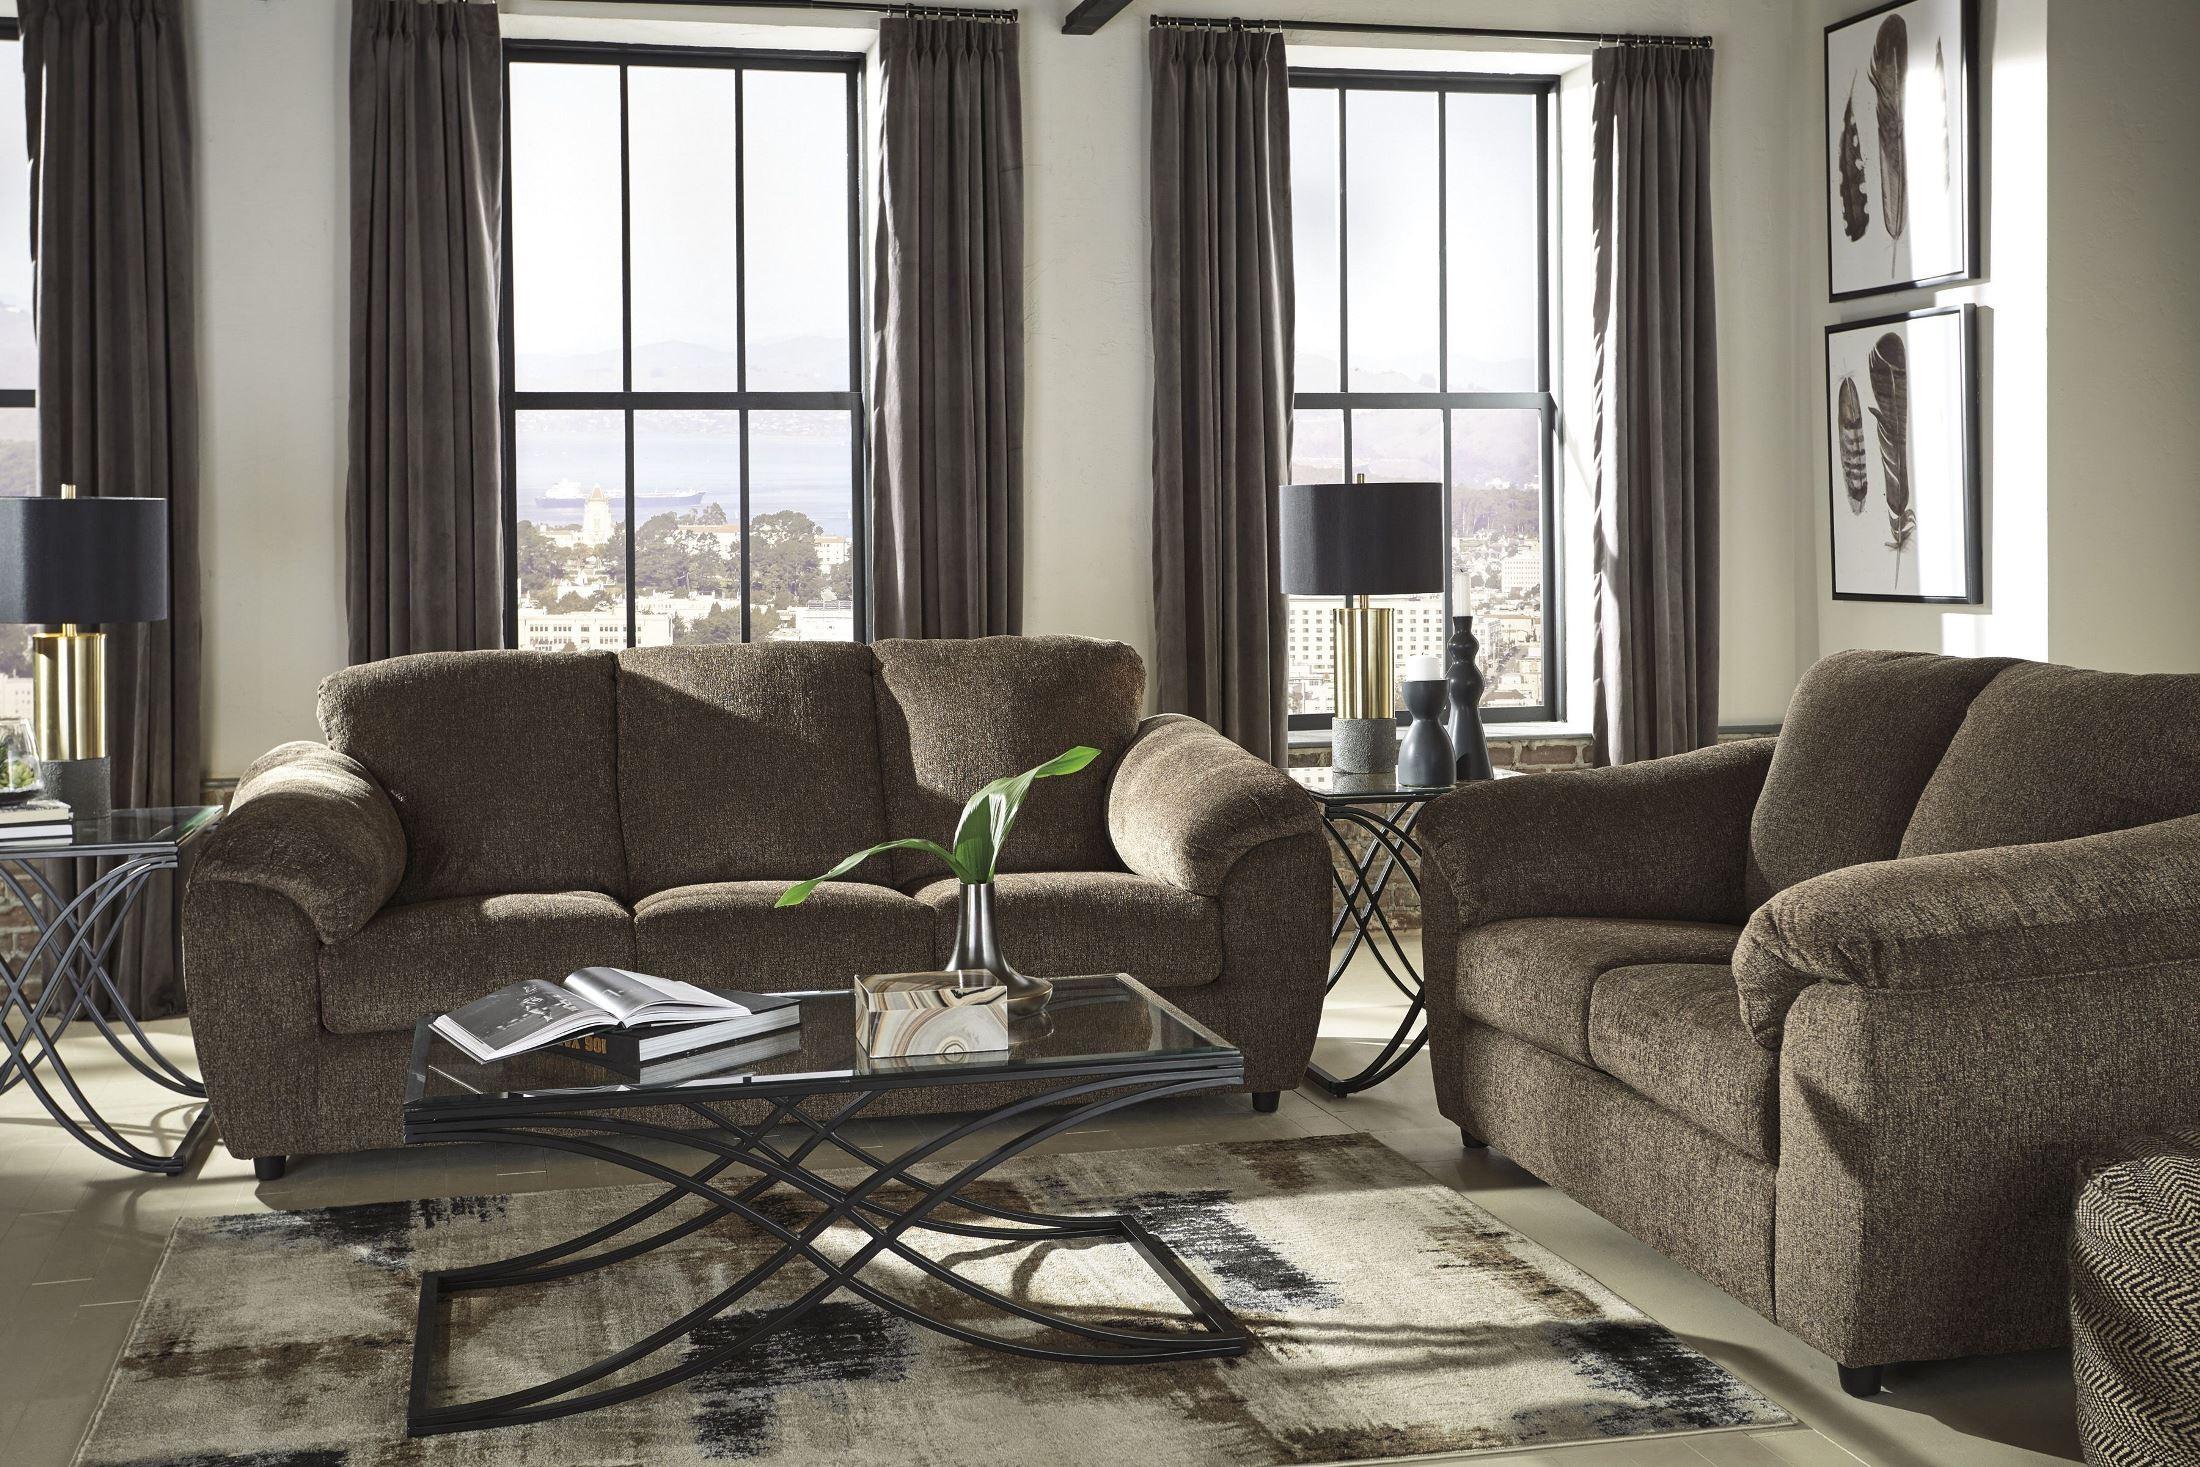 azaline umber living room set from ashley coleman furniture. Black Bedroom Furniture Sets. Home Design Ideas